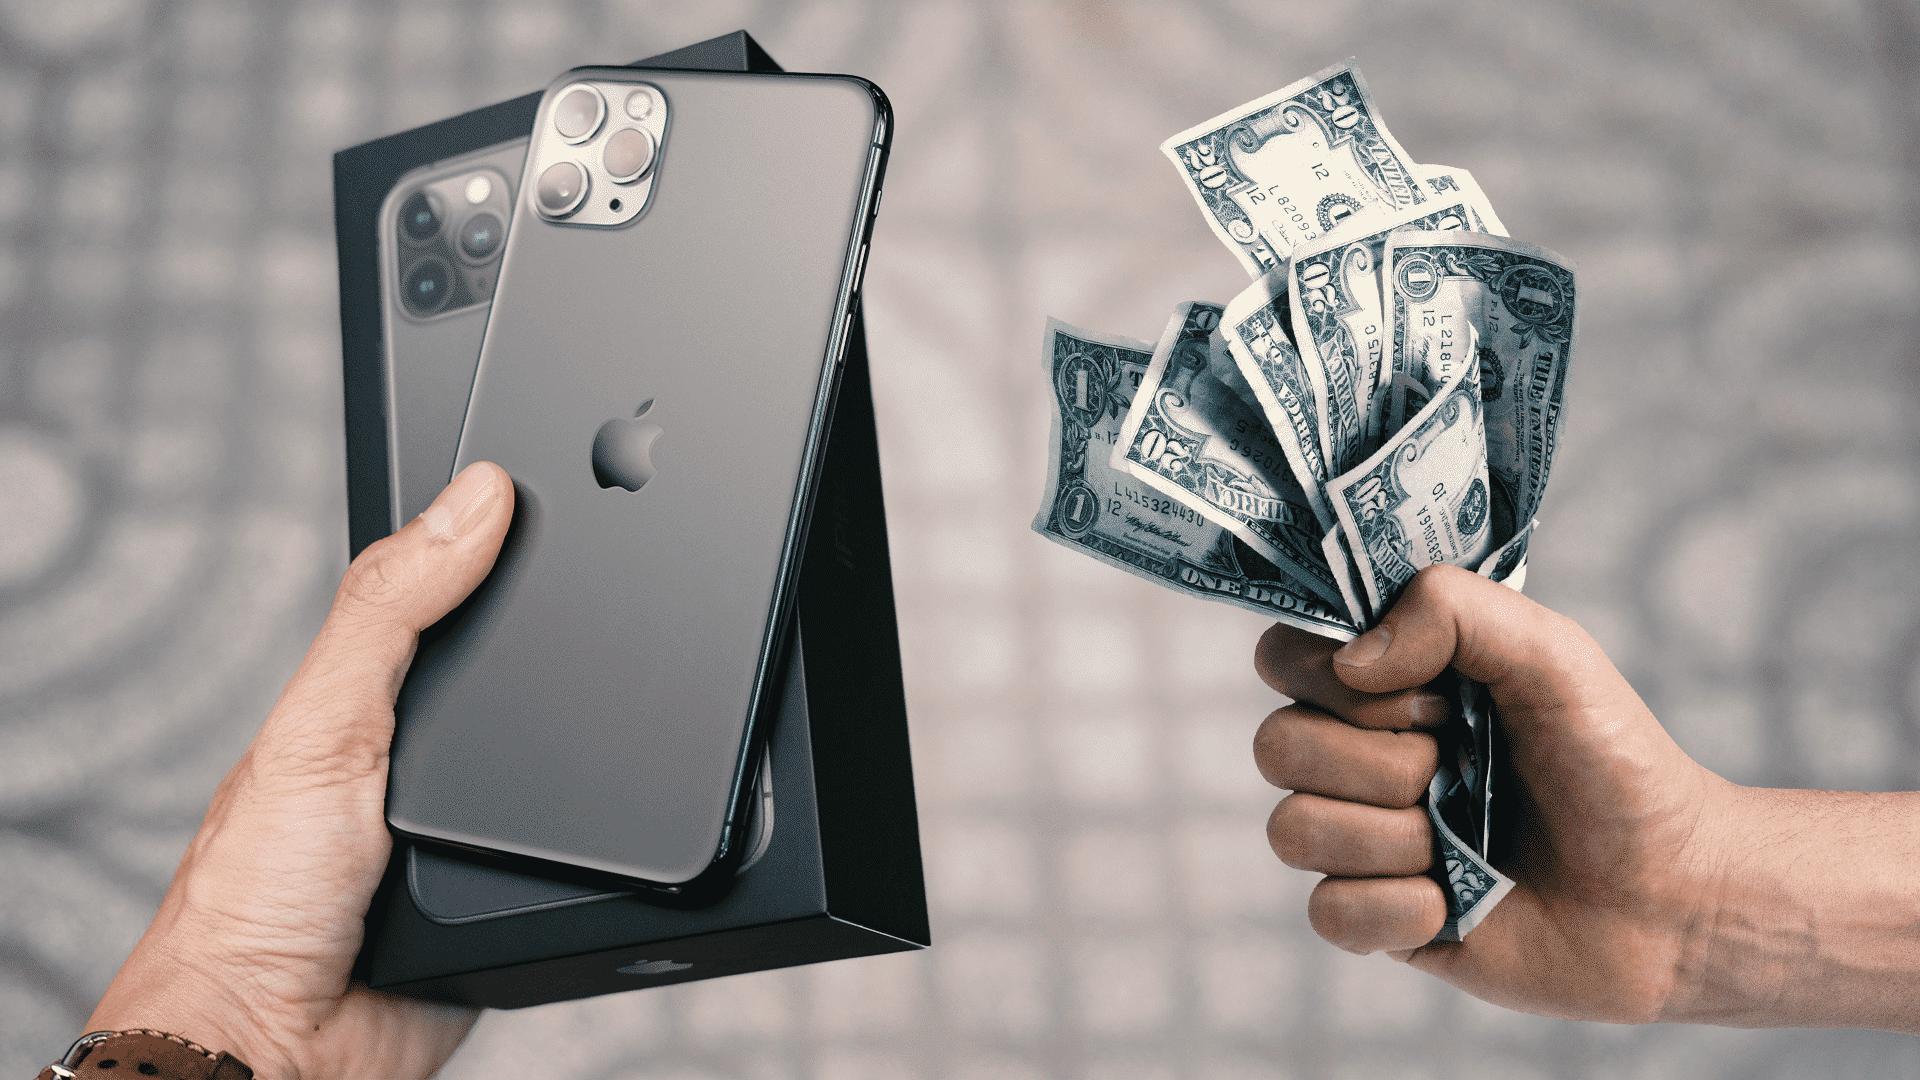 smartfon apple iphone 11 predaje